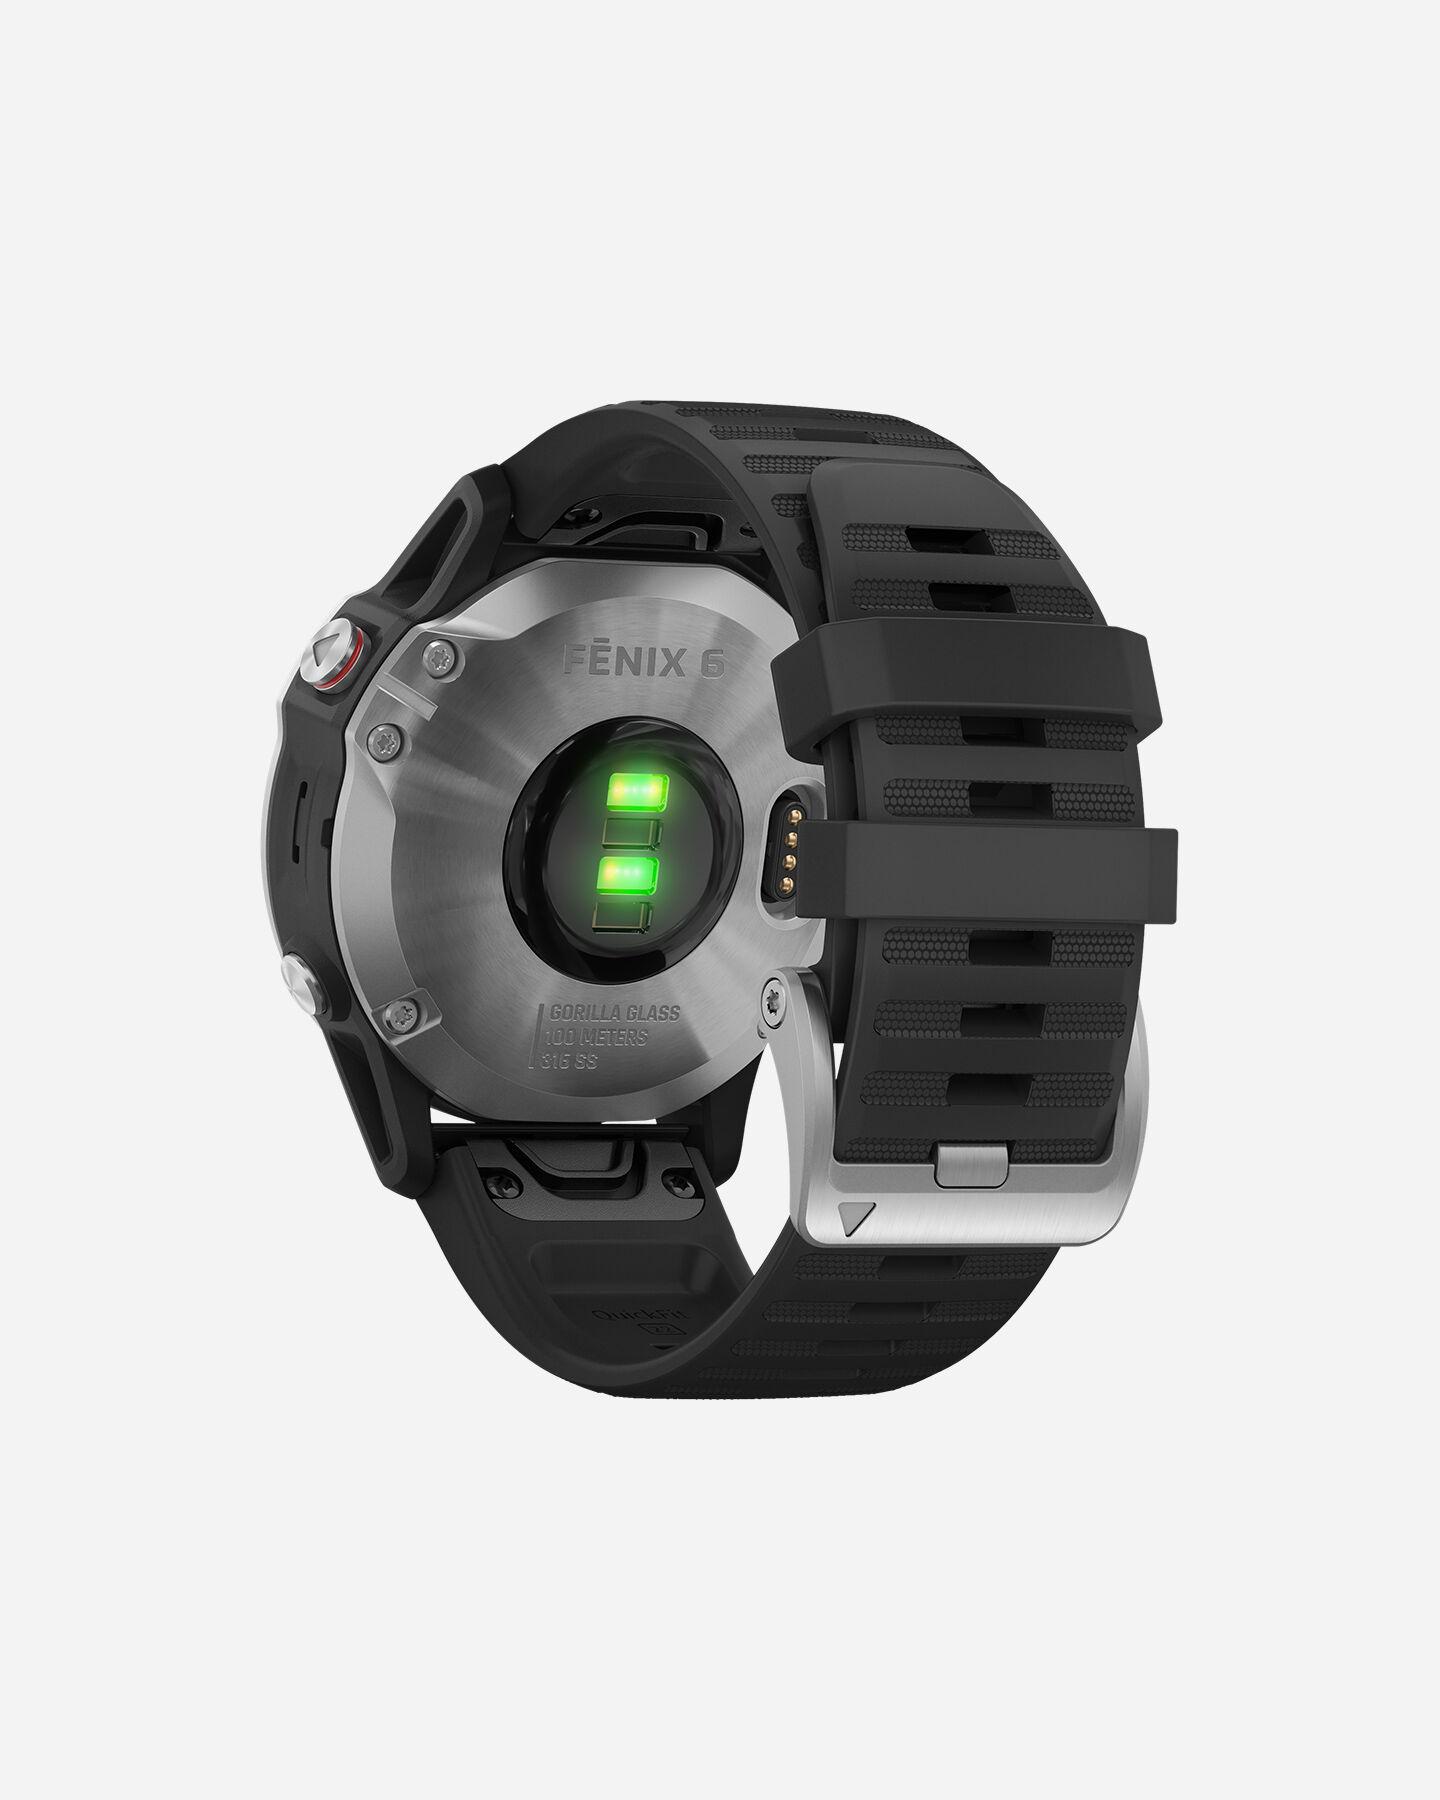 Orologio multifunzione GARMIN FENIX 6 S4076549|00|UNI scatto 5